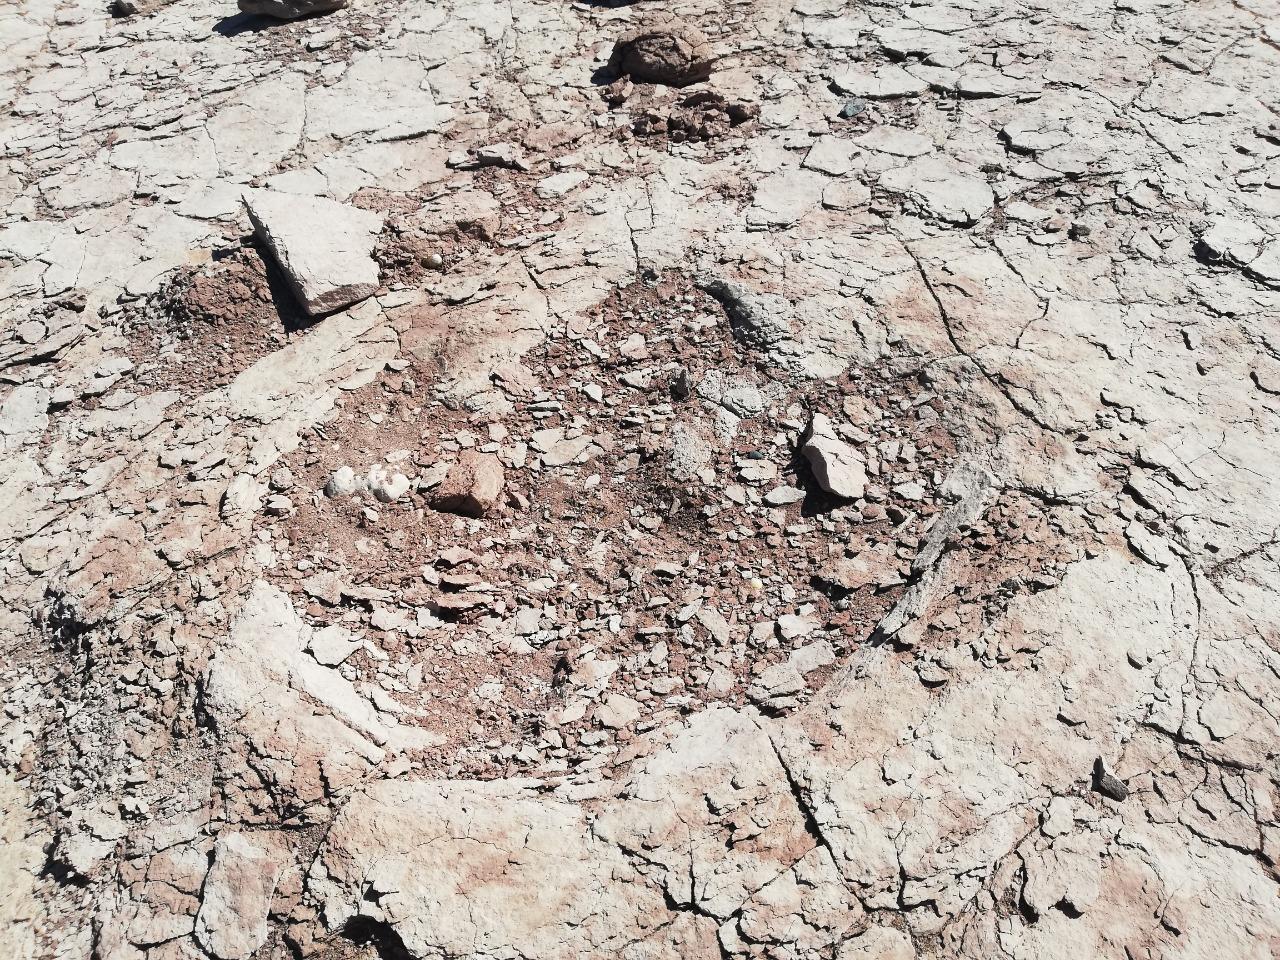 La Prefectura Descubrio Huellas De Dinosaurio En La Patagonia Argentina Gob Ar La huella de un miembro anterior y posterior de un saurópodo, rastrillada del saurópodo y un diente de tiburón. huellas de dinosaurio en